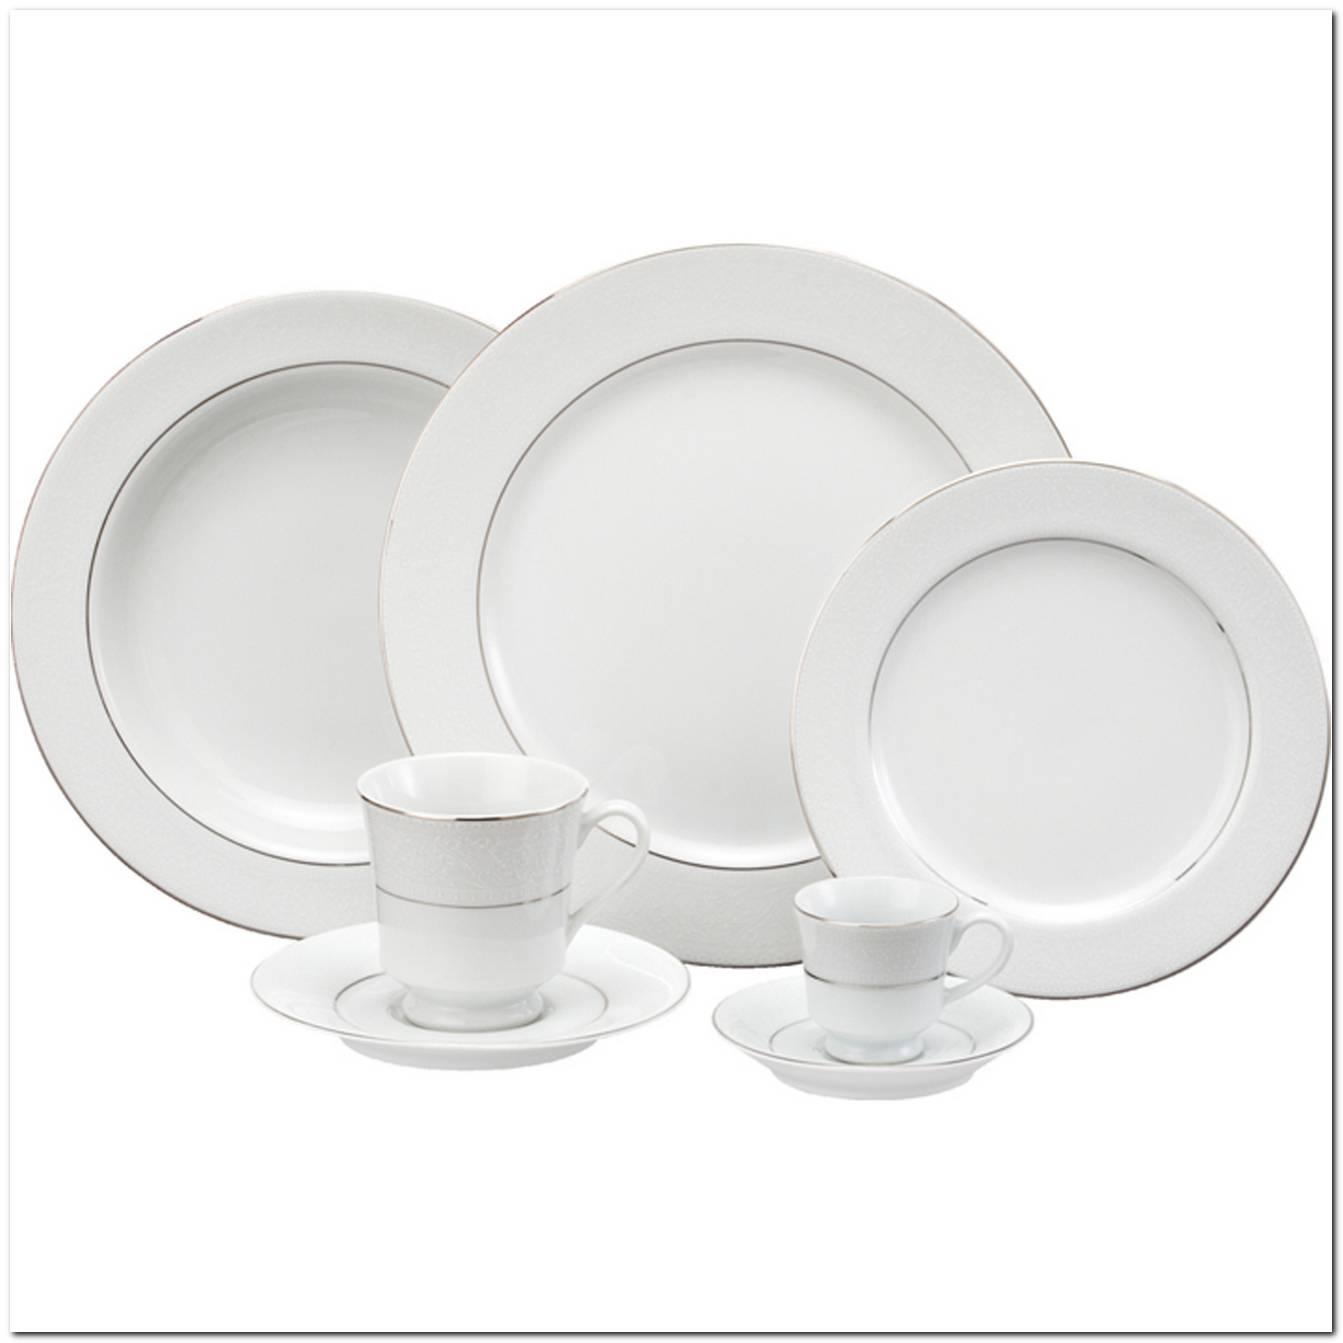 Aparelho De Jantar Porcelana Branco